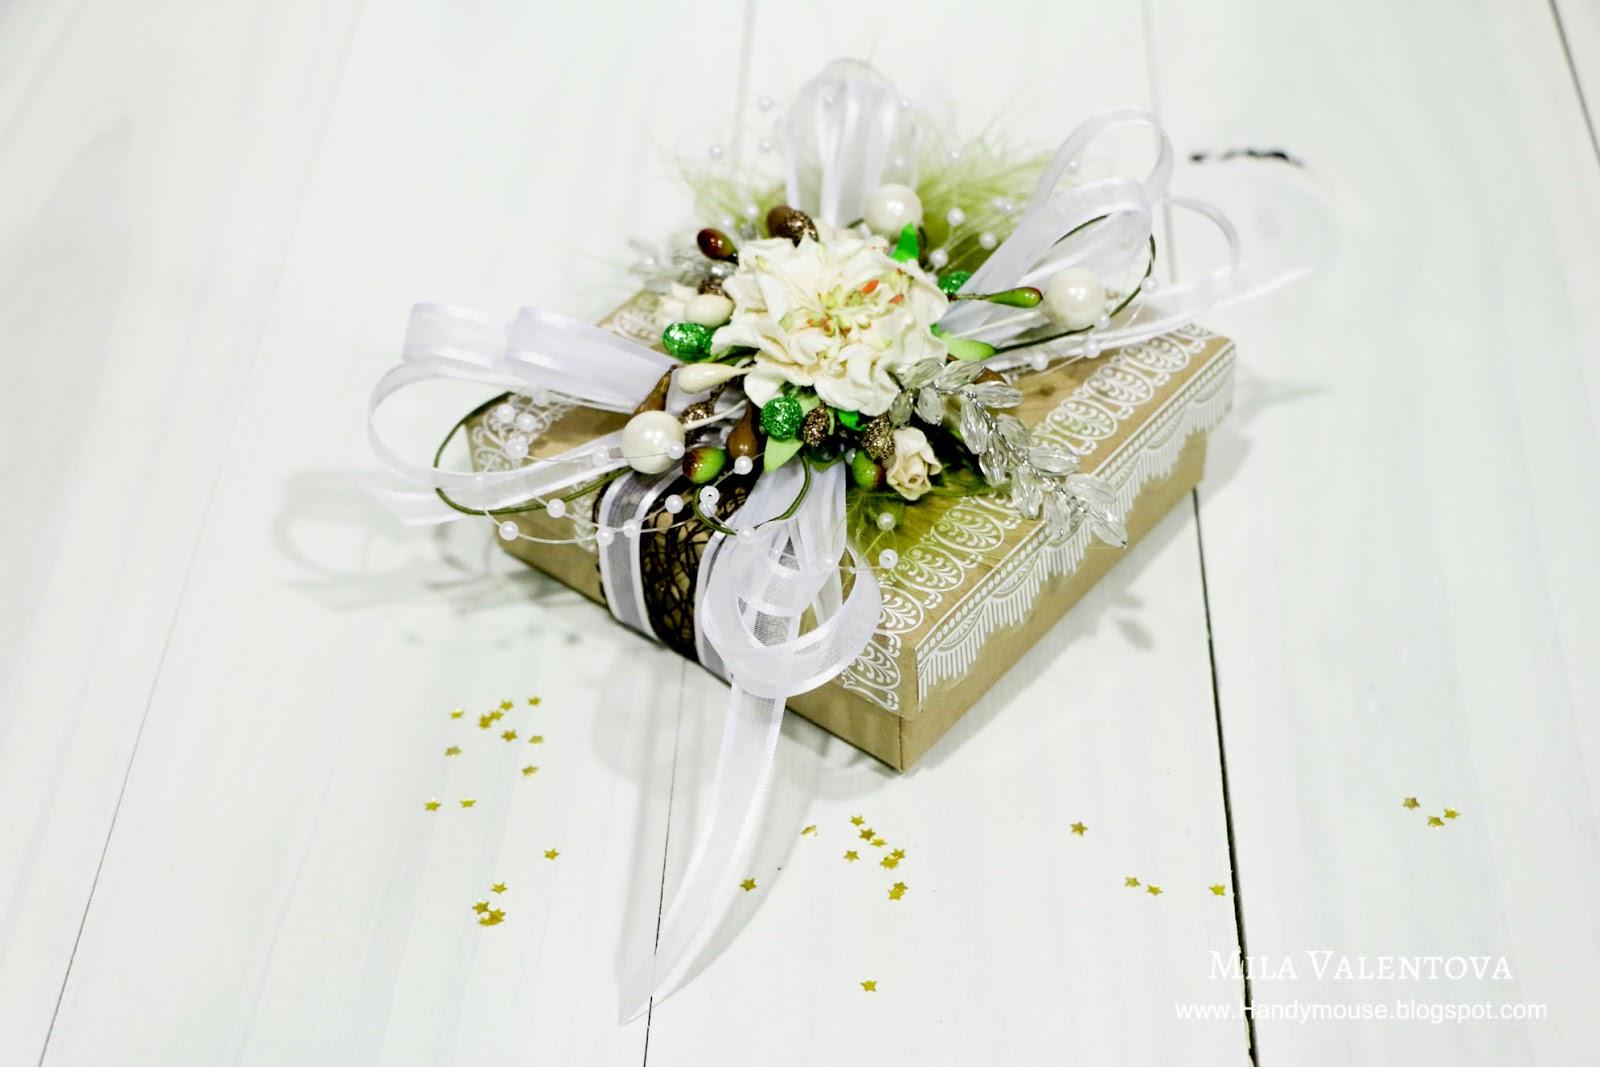 Свадьба-шоколадная-Мастер-класс-Бонбоньерка-Мила-Валентова